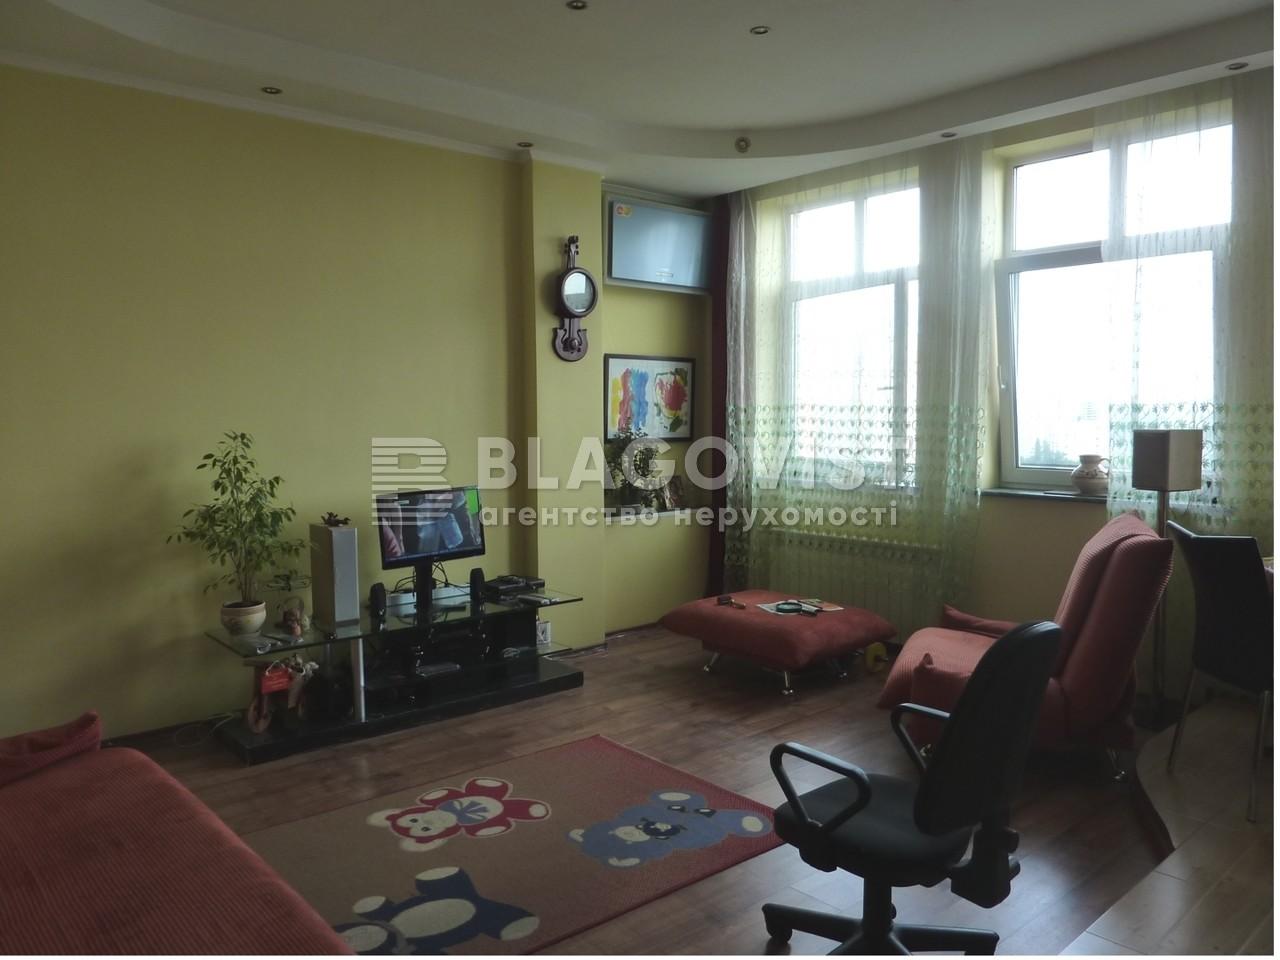 Квартира R-14602, Народного Ополчения, 7, Киев - Фото 1